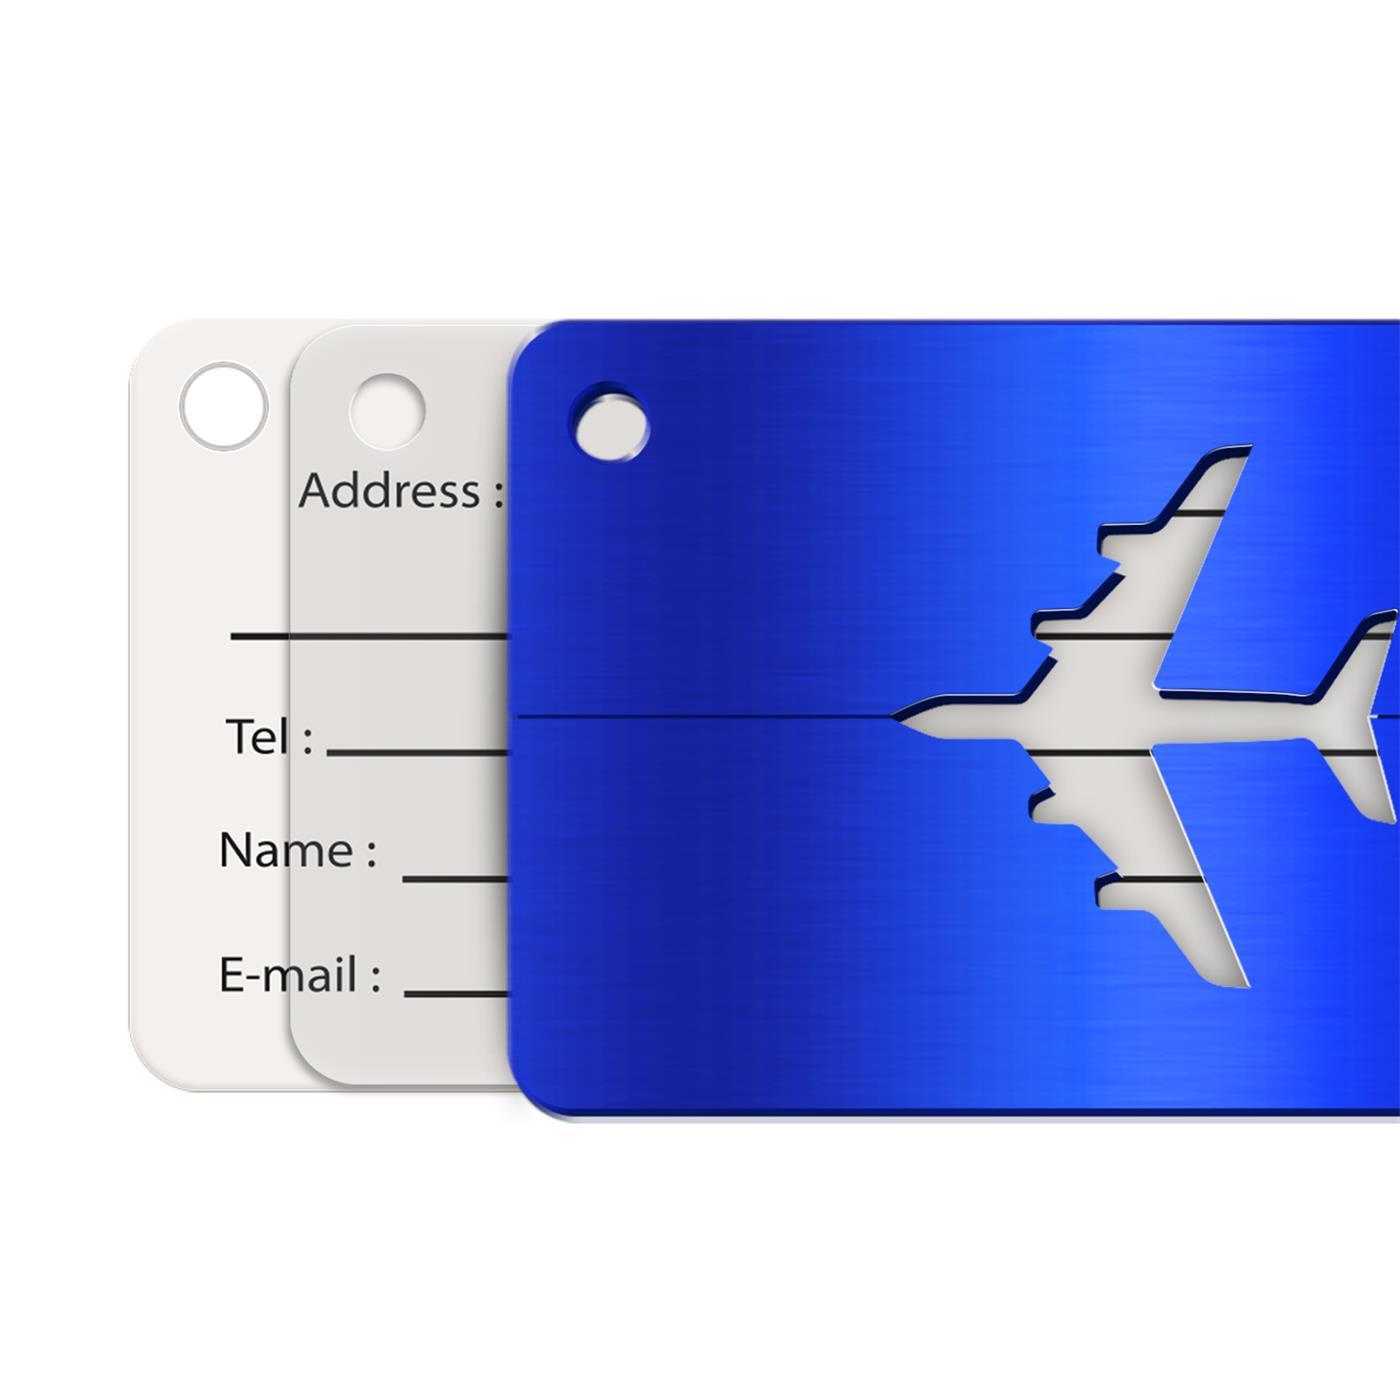 Reise-Kofferanhaenger-Namensschild-Gepaeck-Anhaenger-Schild-Urlaub-Flugzeug-Trolley Indexbild 8